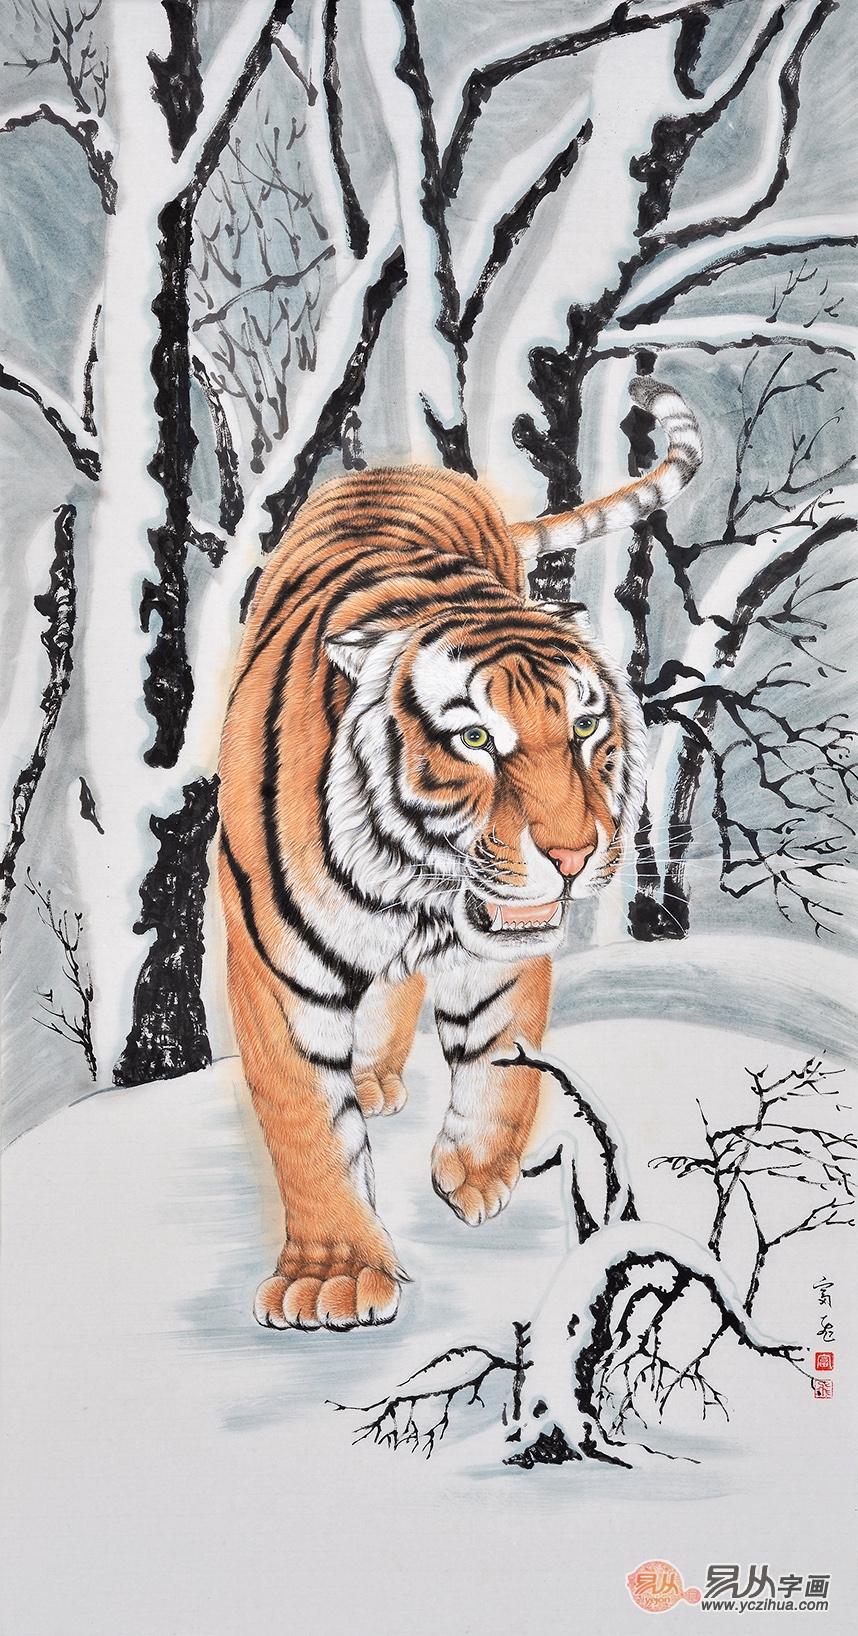 """下山虎如果纹在前身,借其凶猛的气势,镇住入侵的邪灵。中国有崇尚虎的文化传统。我姑且称之为""""虎文化""""。虎文化有丰厚、深远的积淀,渗透到审美与价值观念等许多方面。""""虎虎有生气""""、""""龙腾虎跃""""、""""虎踞龙盘"""",这些词语不仅象征着生气与活力,非凡的风范与气度,还表征着一种宏观气象。 下山虎是发财。 虎的象征意义 """"身披虎甲背神弓,霸王金冠谁可摘"""" """"身披虎皮袄,脚踏豹纹靴,端的是威风凛"""